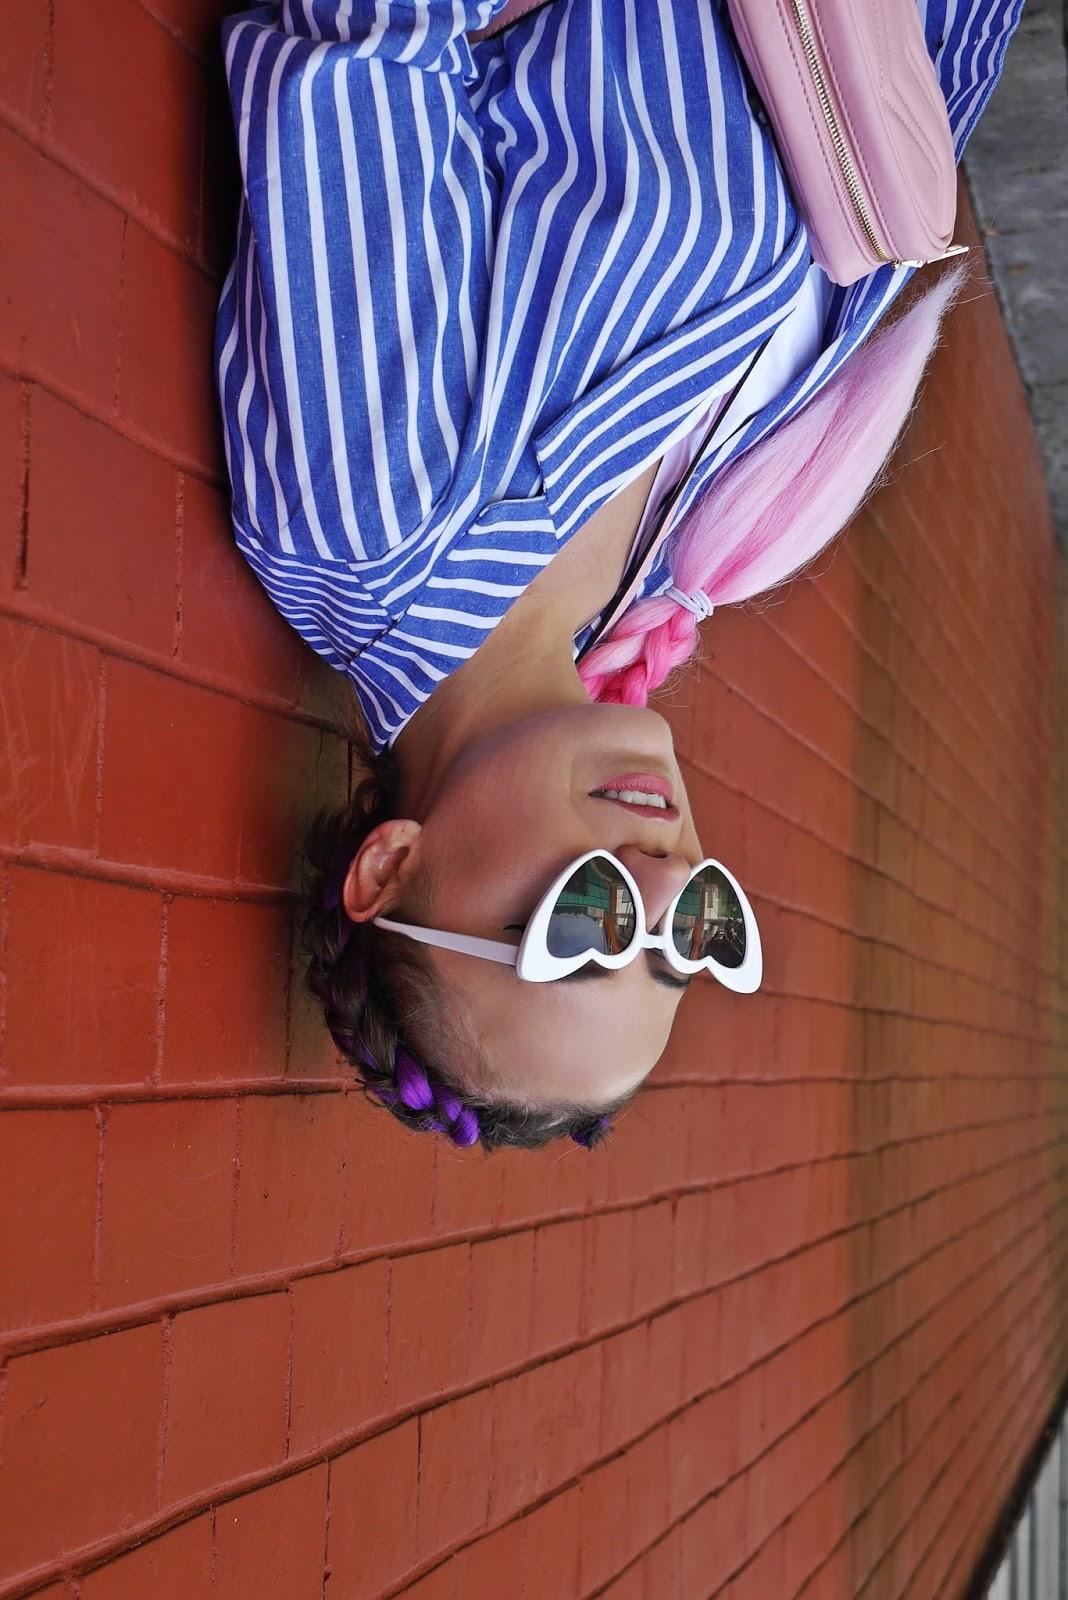 blogerka modowa różowe włosy białe okulary serca aliexpress karyn blog modowy